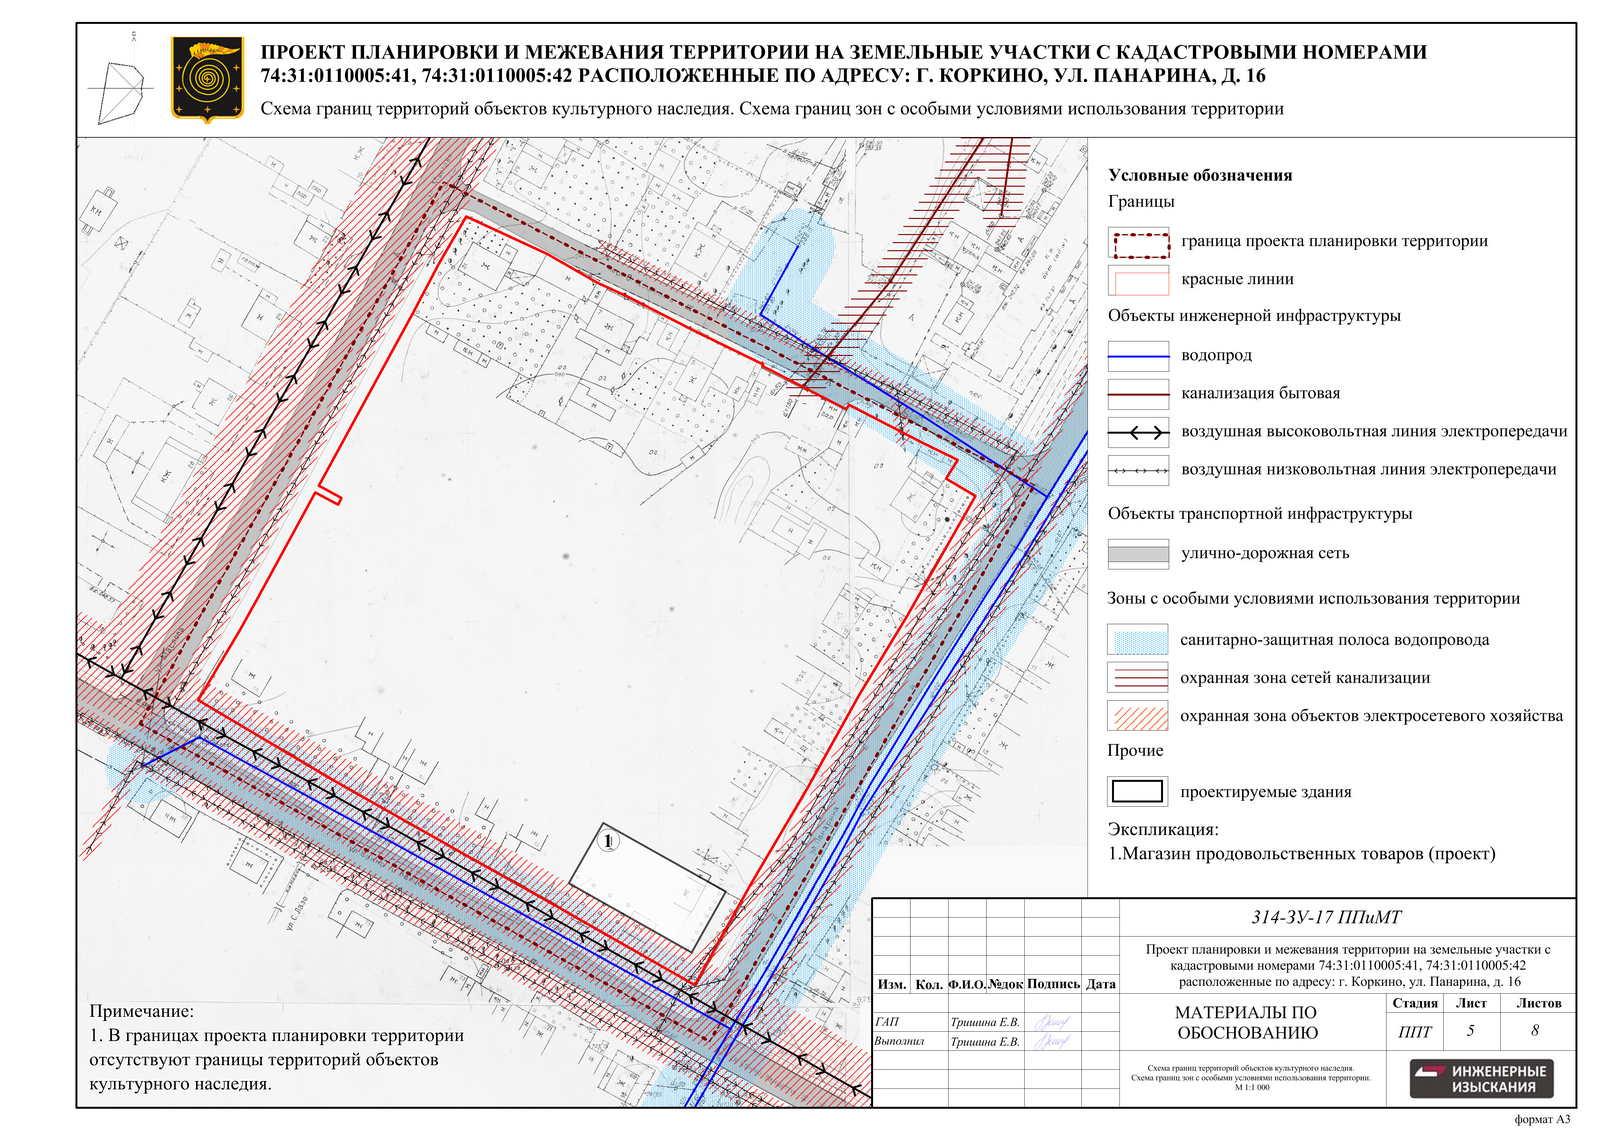 Охранная зона канализации - что это такое и с какой целью она создается